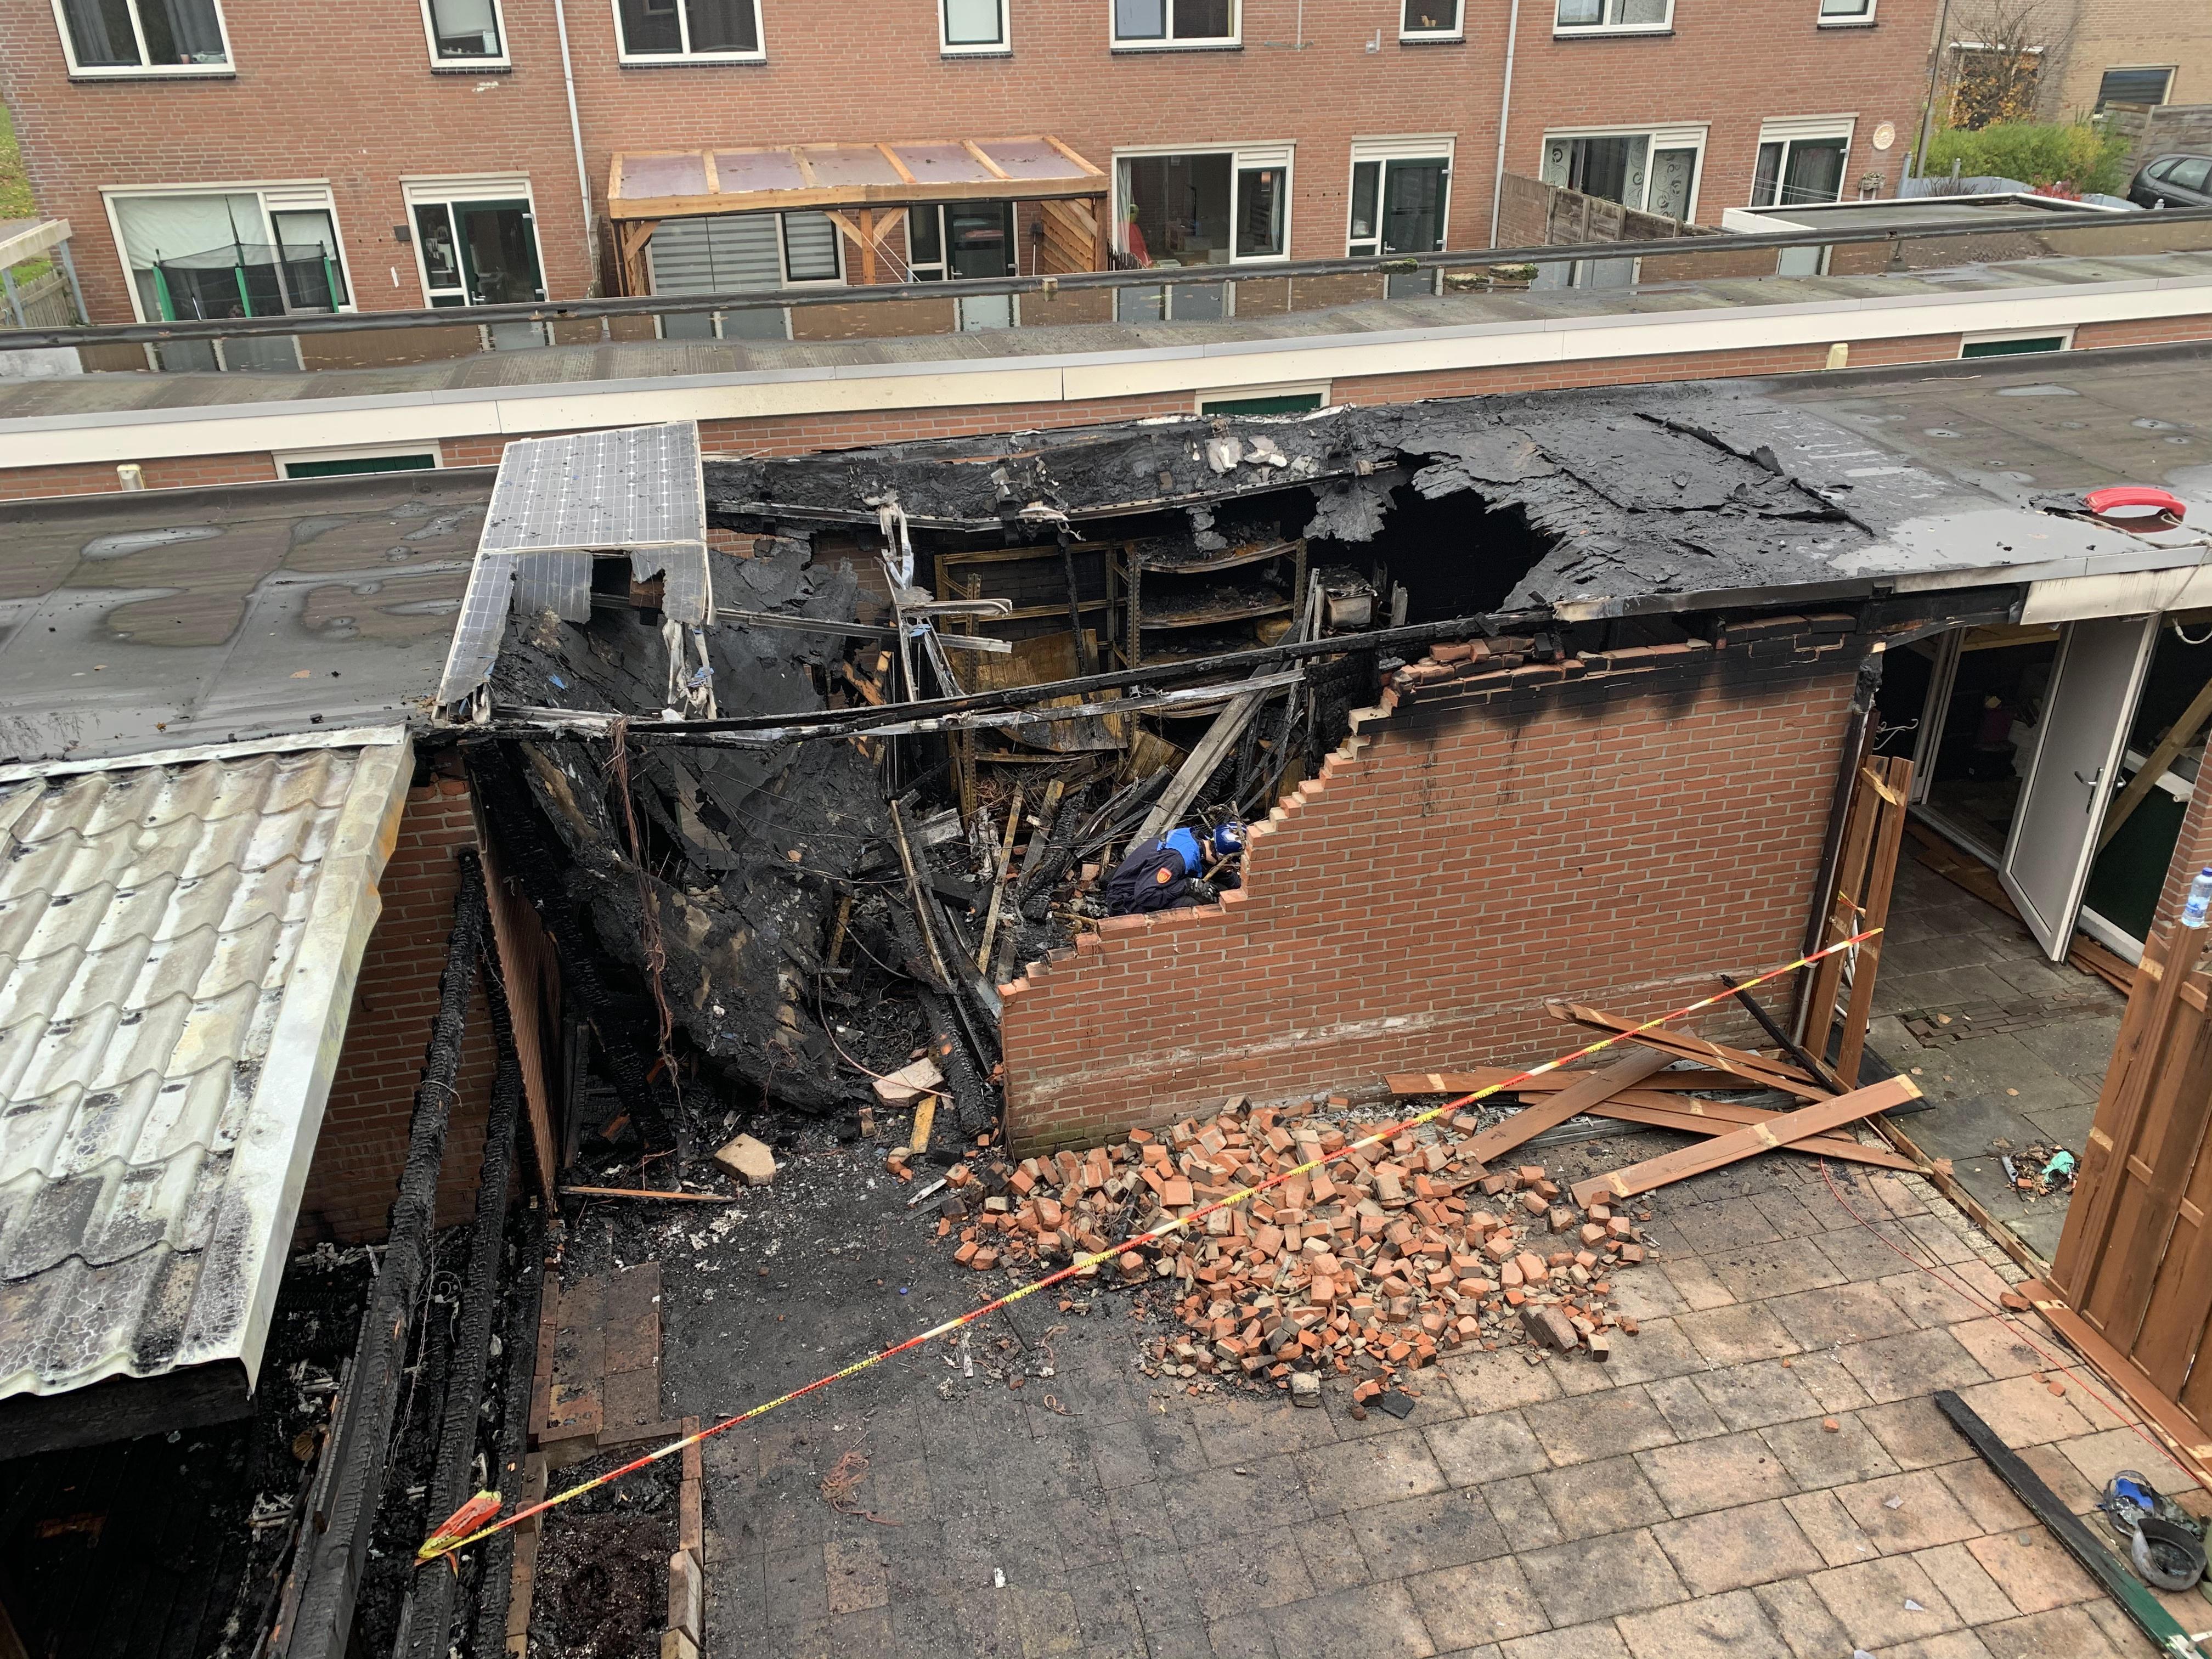 Gedupeerde Niels na brand in Bovenkarspelse schuren: 'Ik vrees dat ik alles wat erin stond kwijt ben'